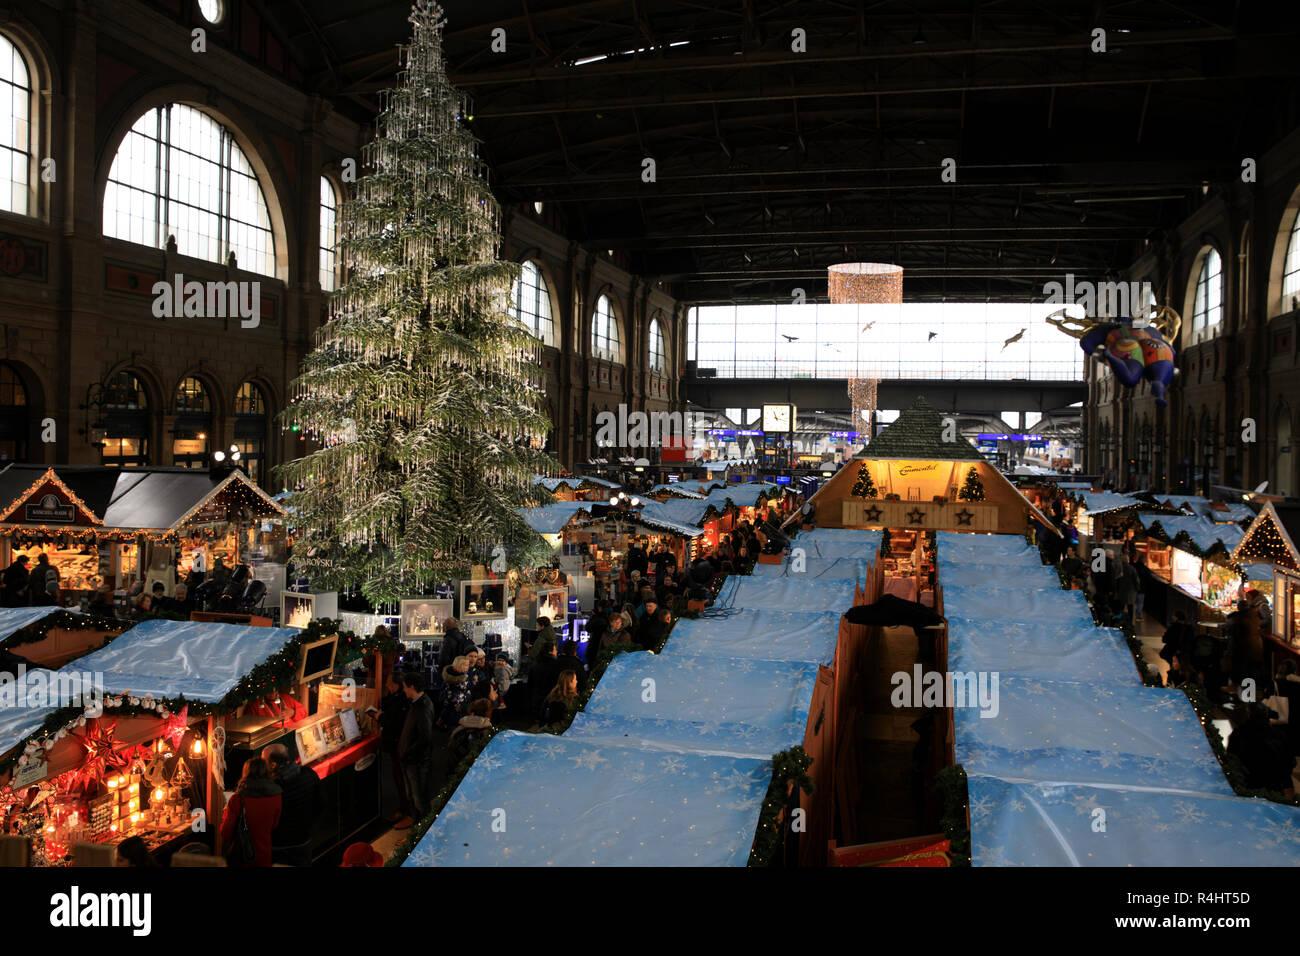 Christmas market at Zurich train station, Zurich, Switzerland, Europe - Stock Image